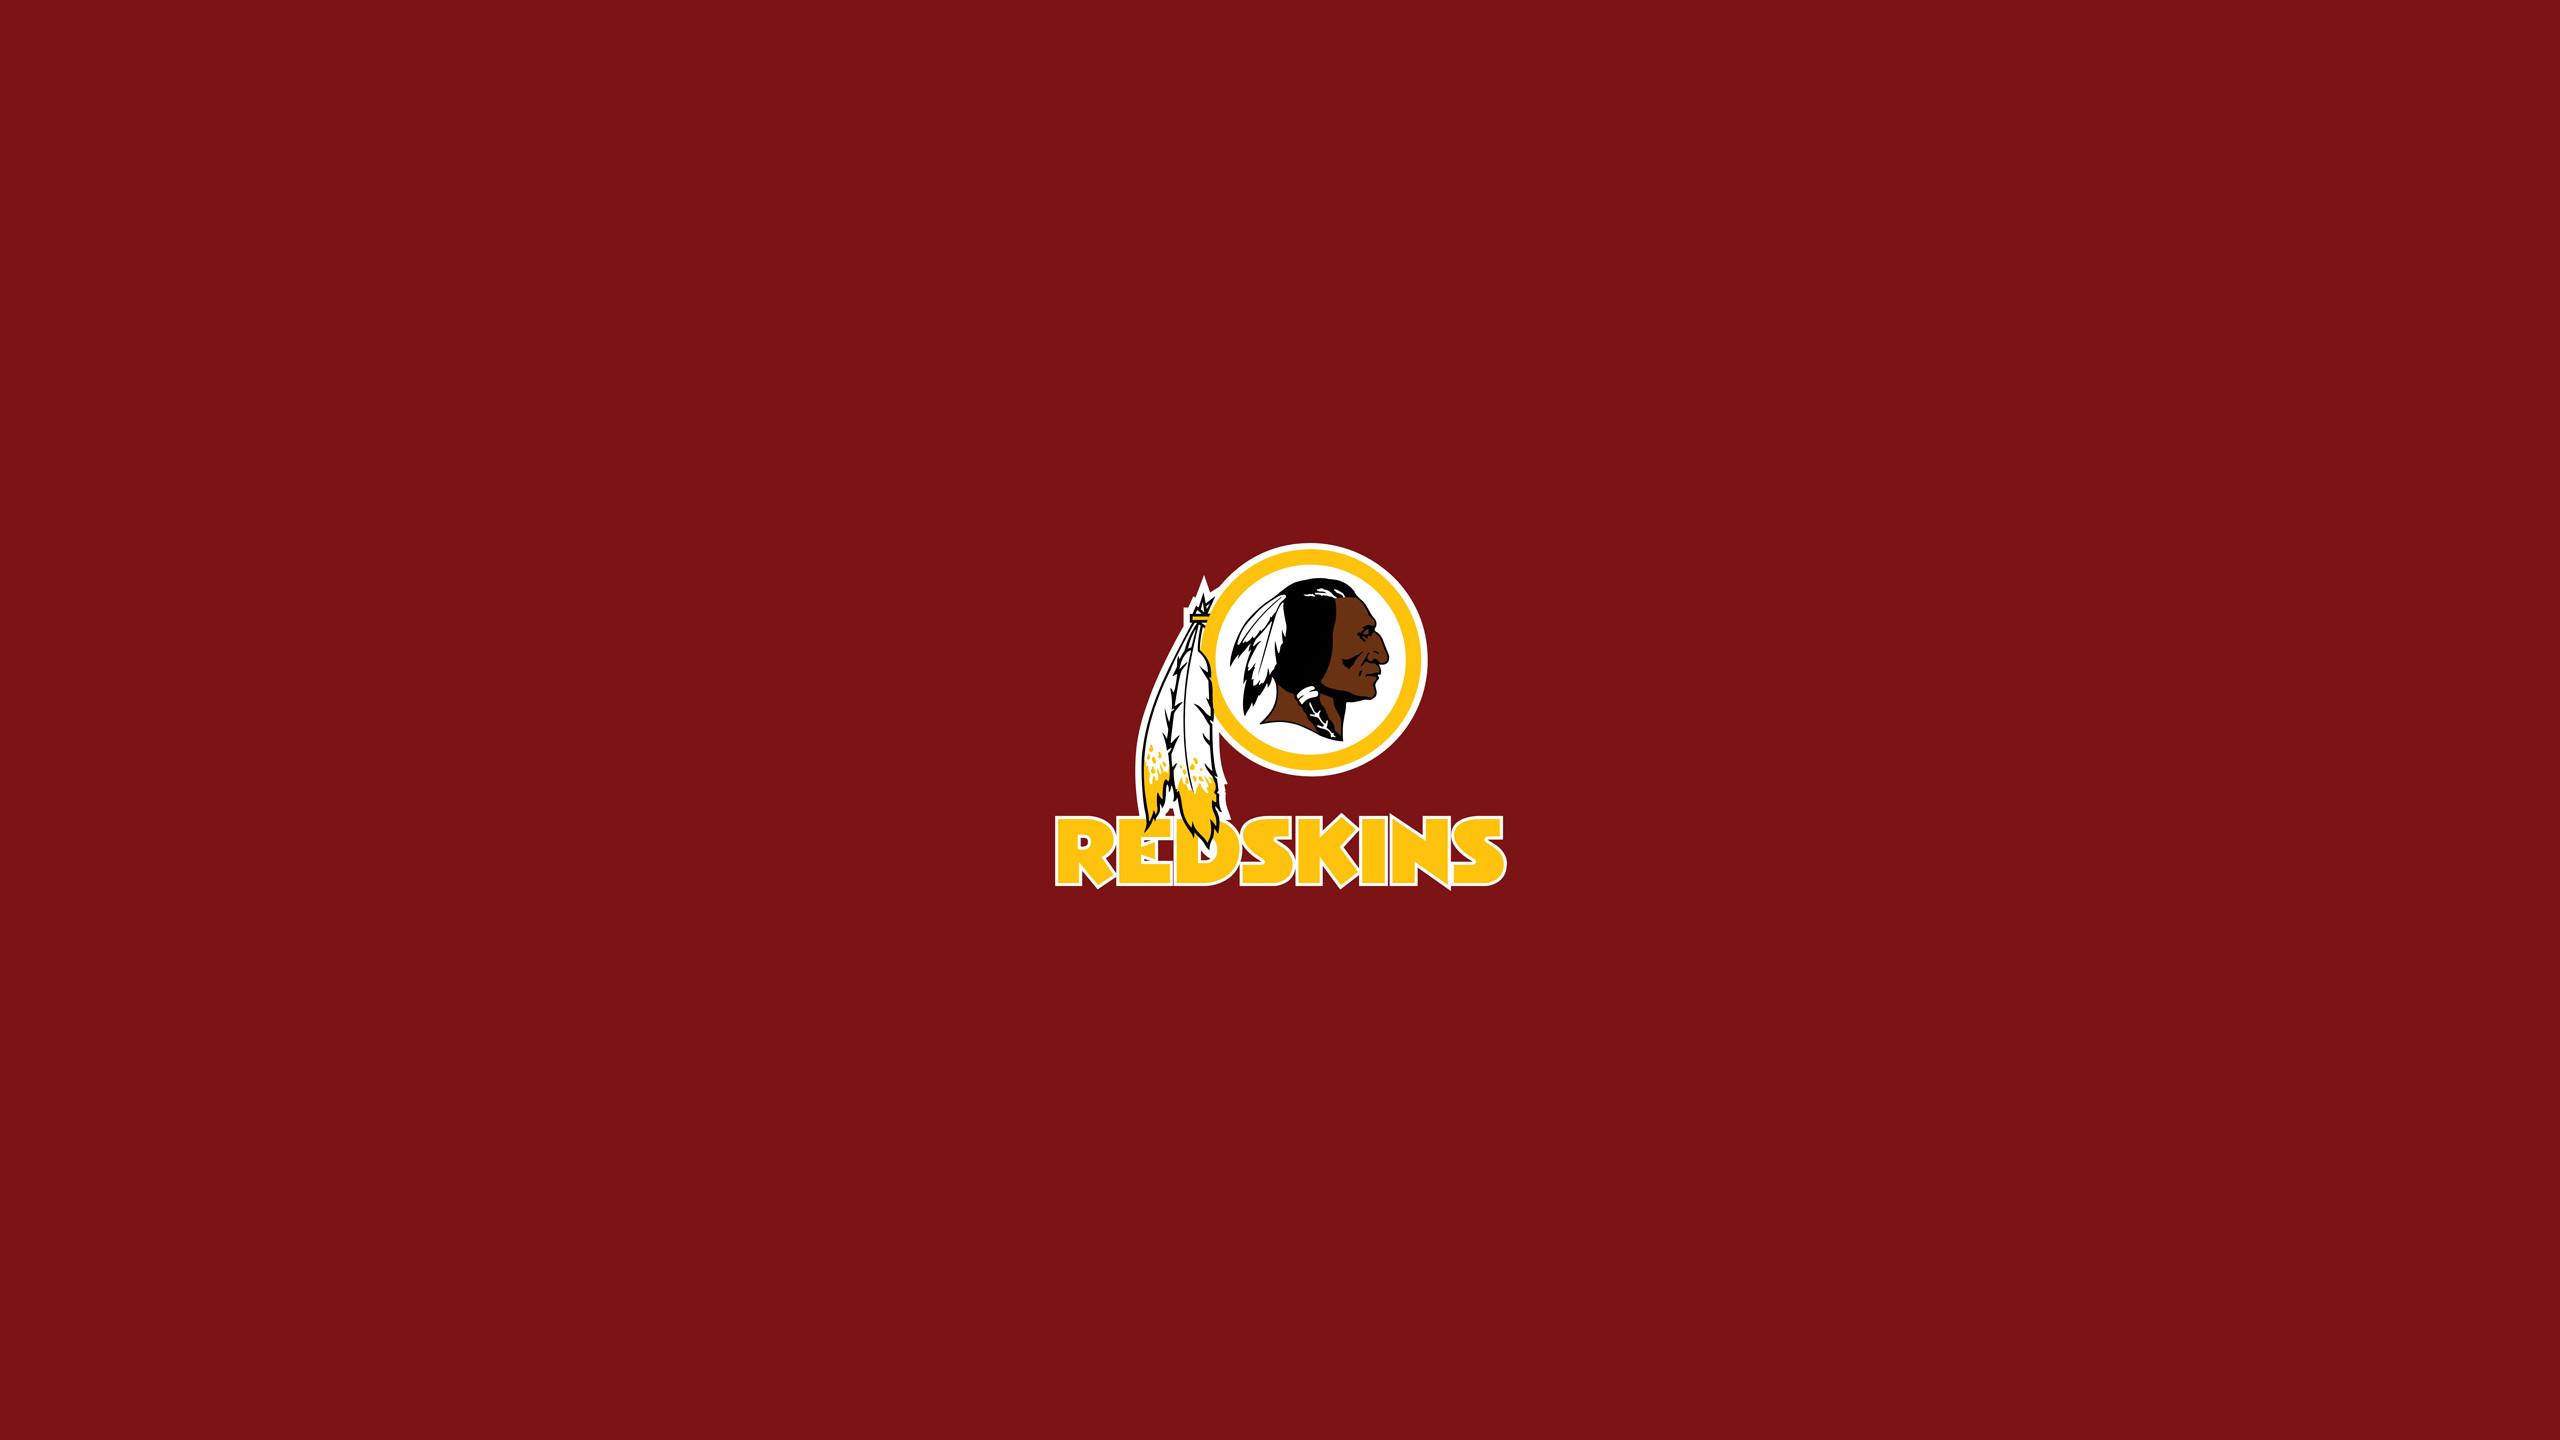 Redskins Iphone 5 Wallpaper Washington redskins nfl